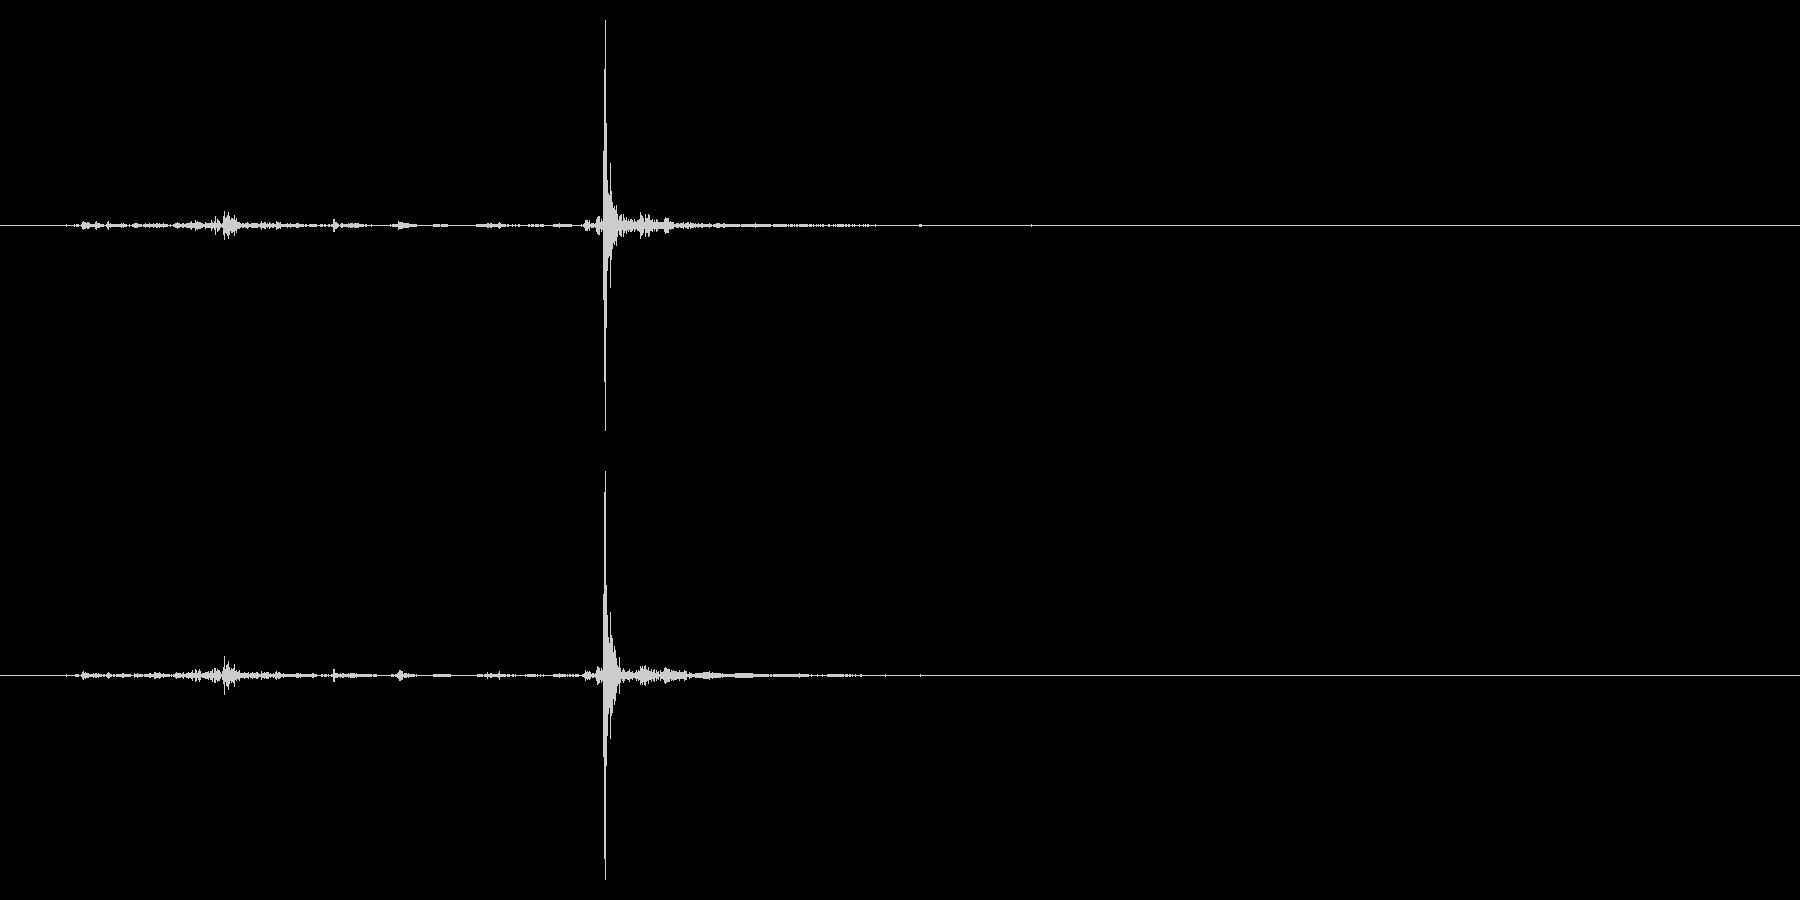 カチャ、スチャ系のUI、構える系の音の未再生の波形